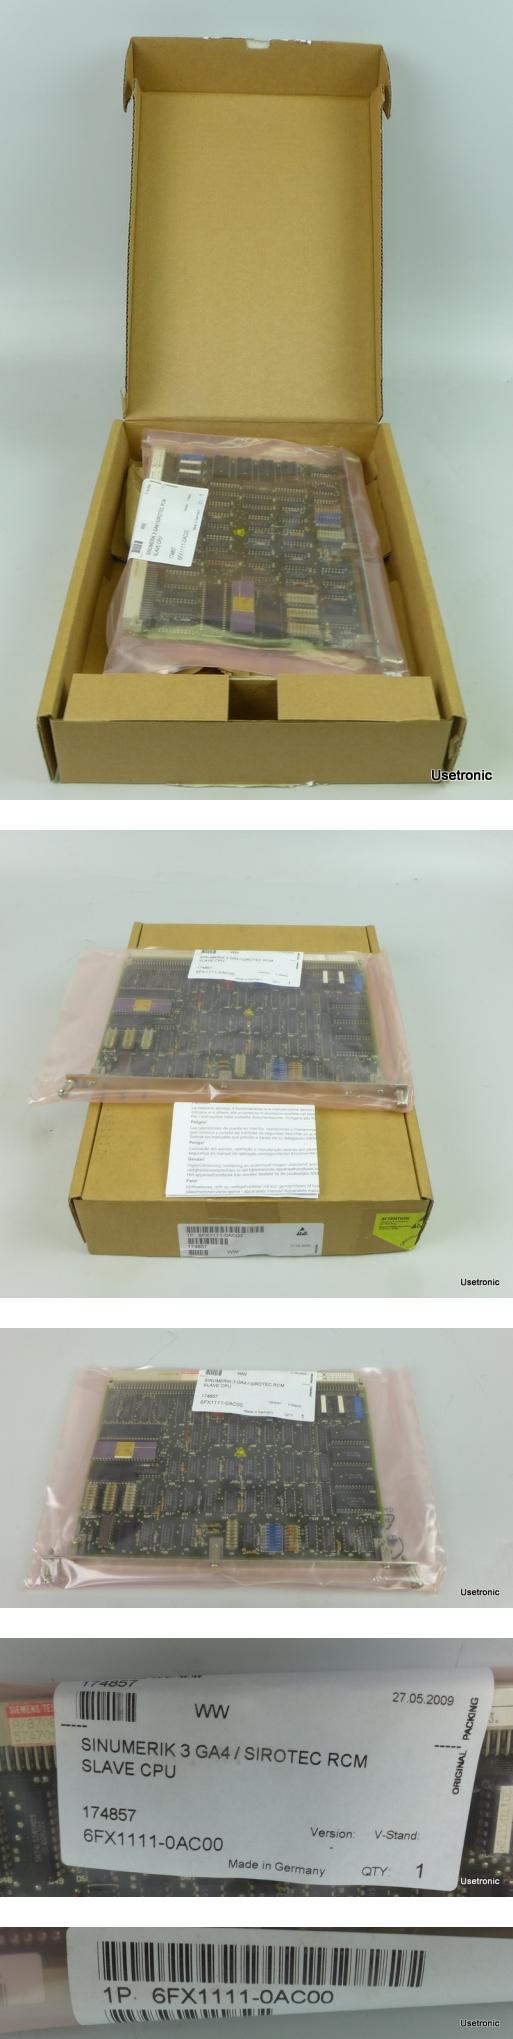 Siemens 6FX1111-0AC00